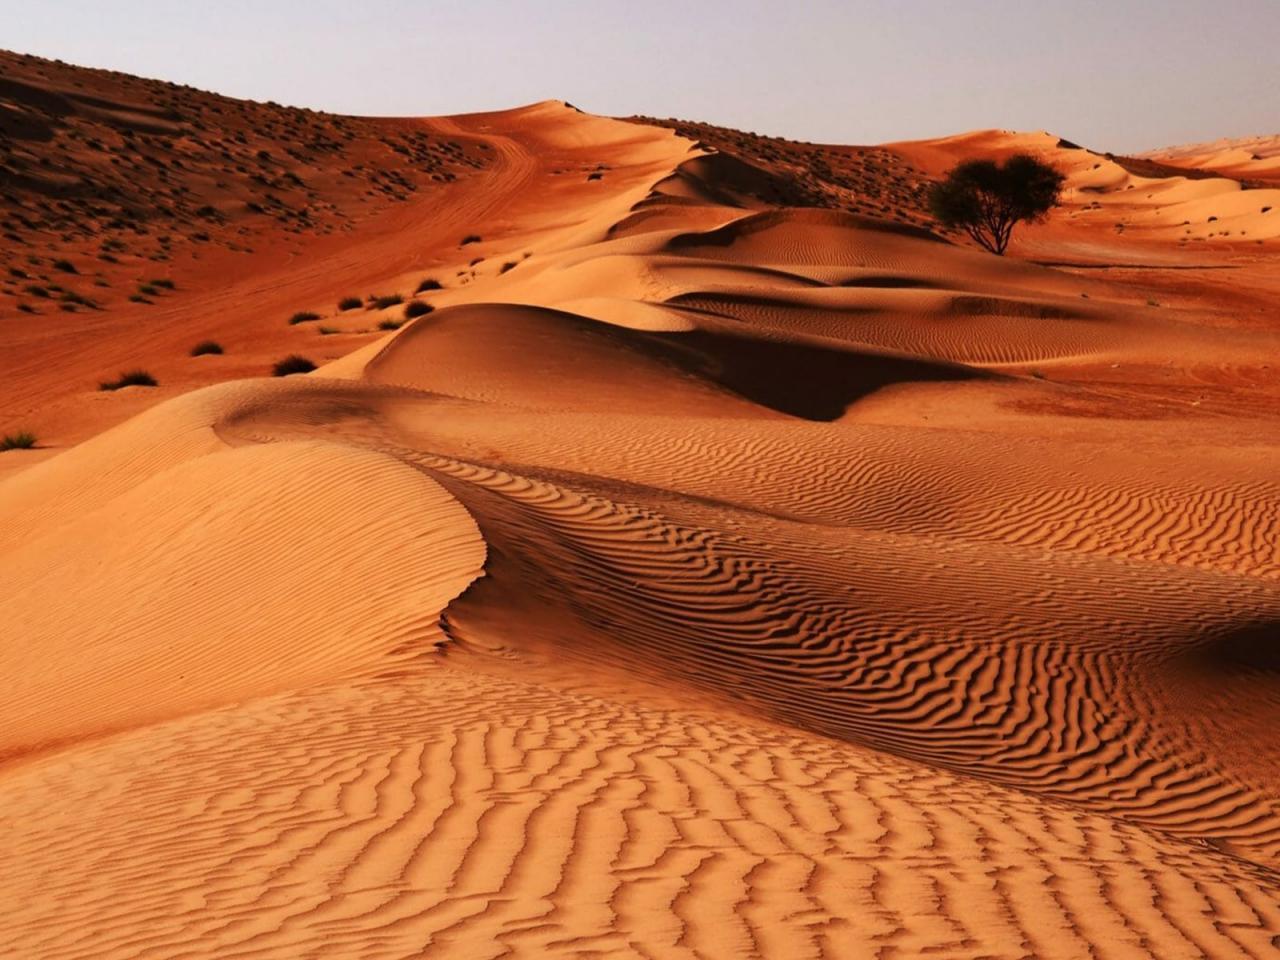 کویر شنی وهیبه، واقع در مركز کشور عمان